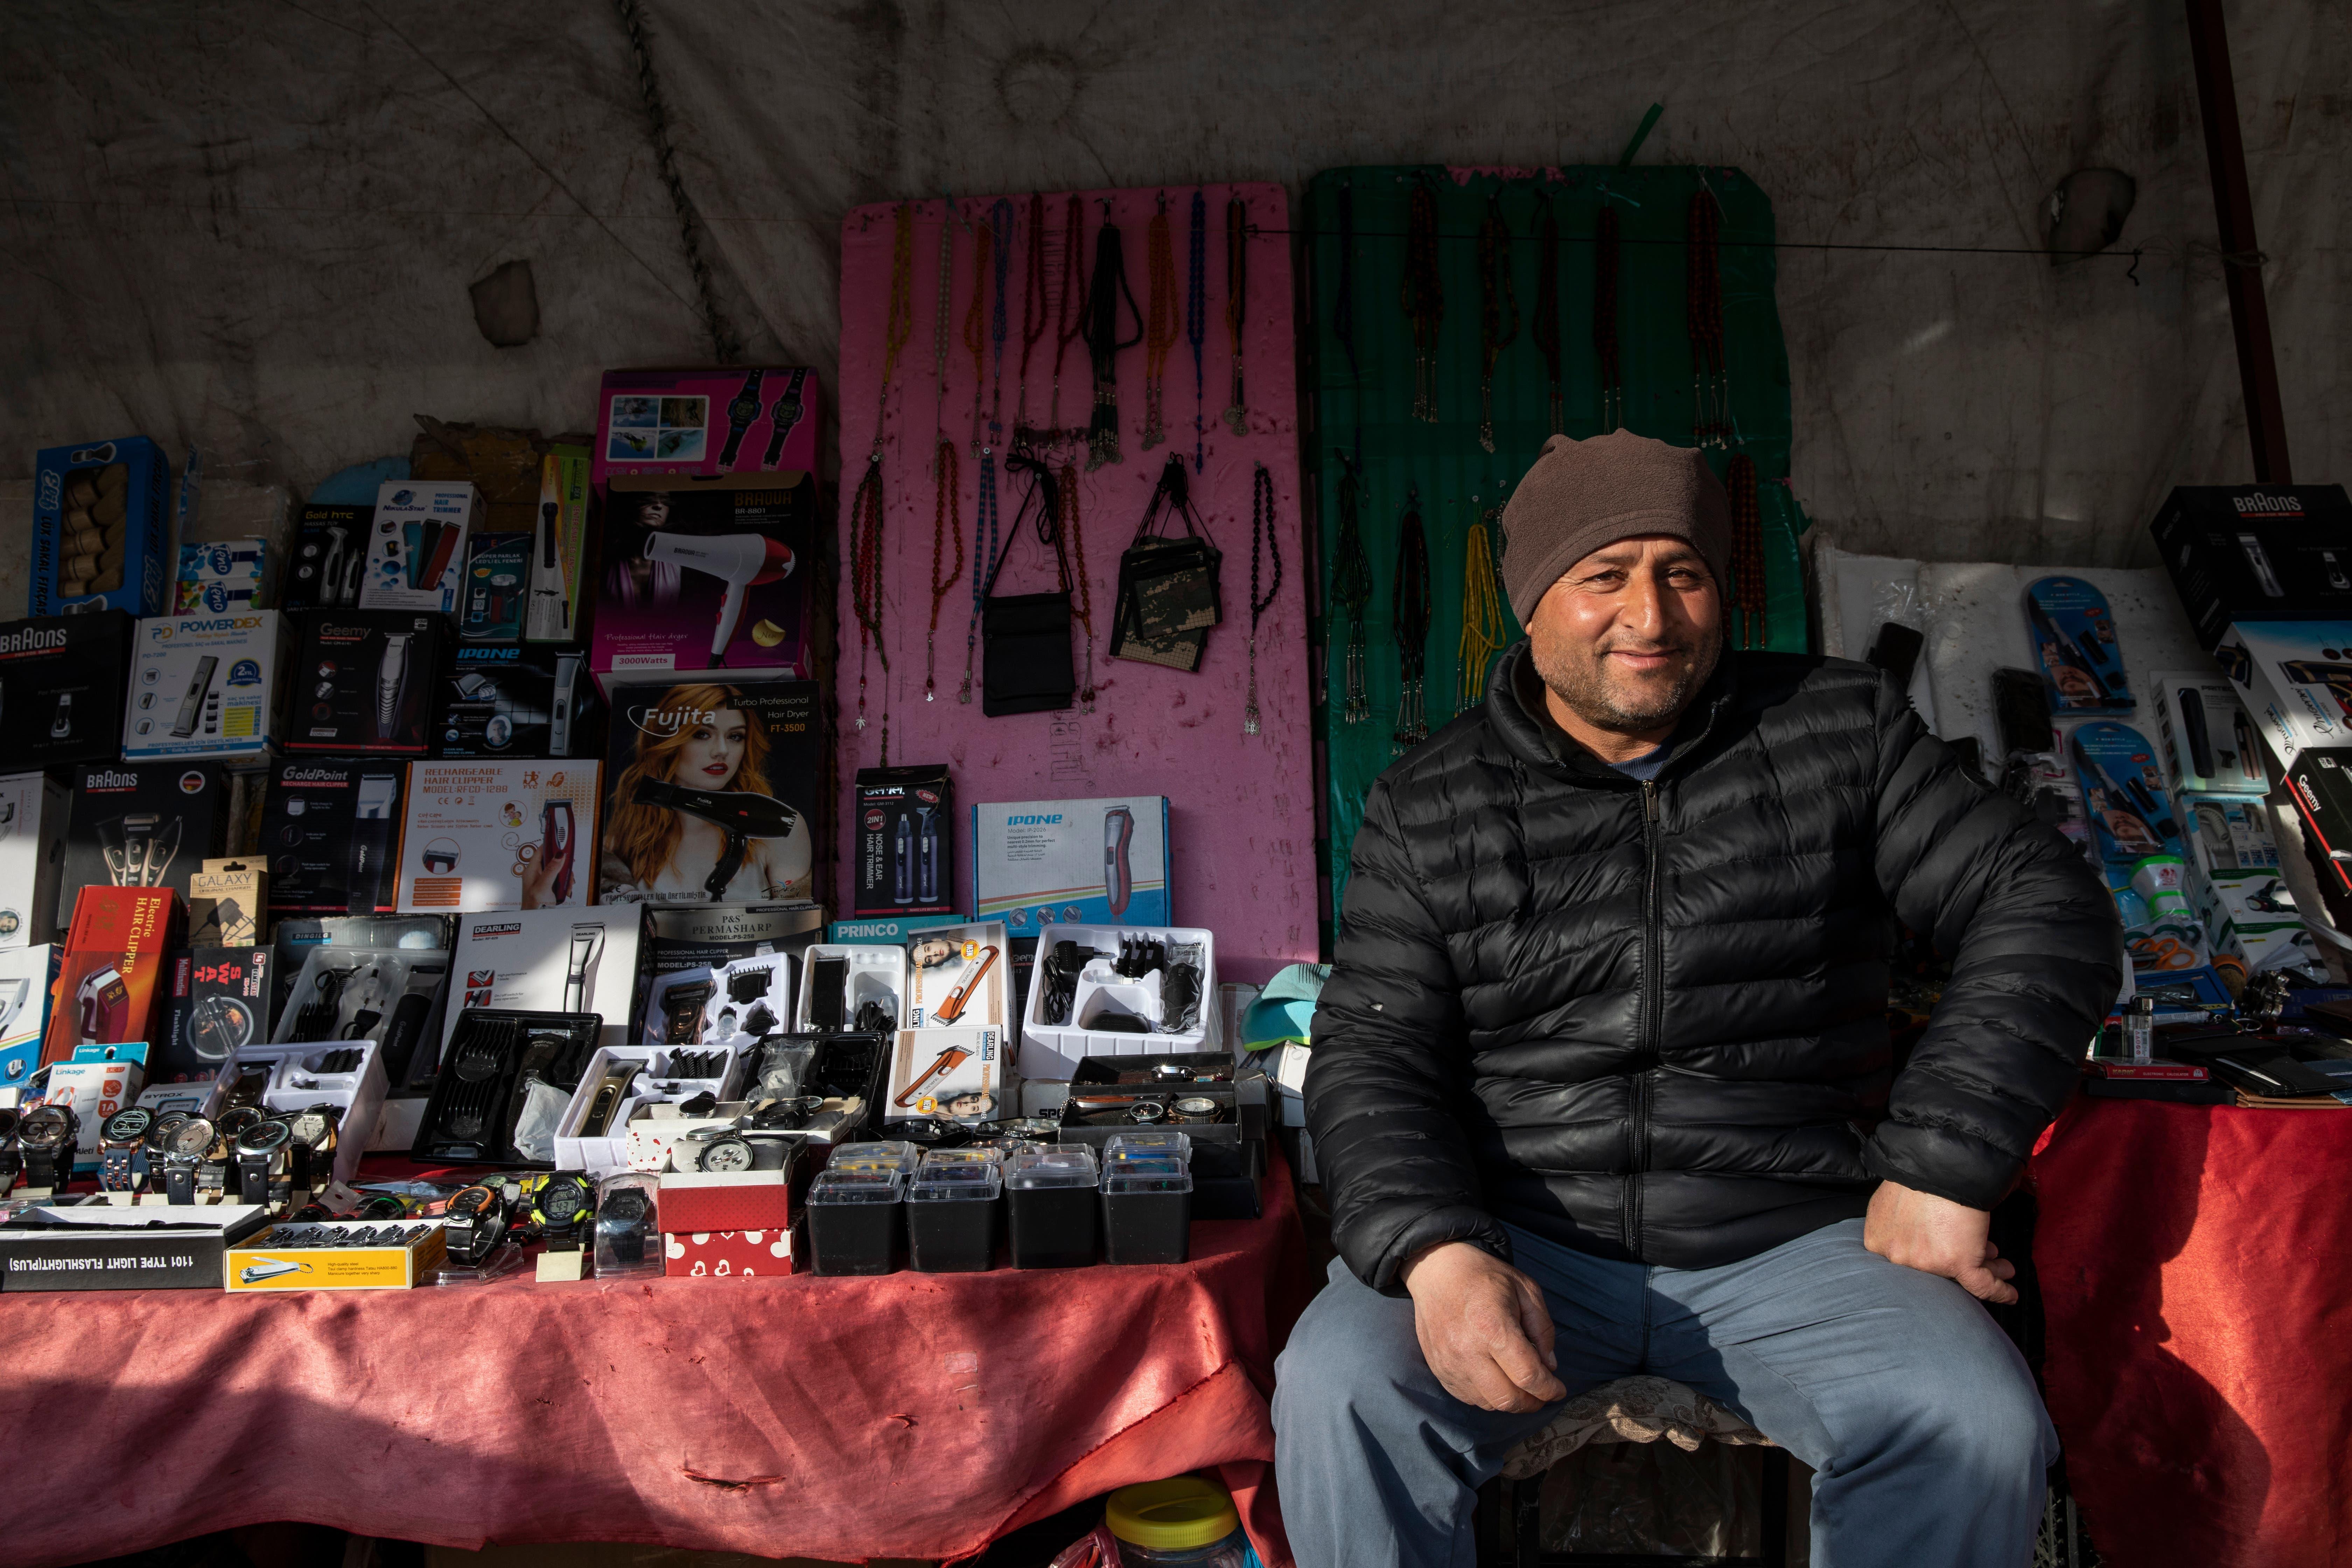 Ein Strassenverkäufer verkauft Kopien von Markenprodukten.